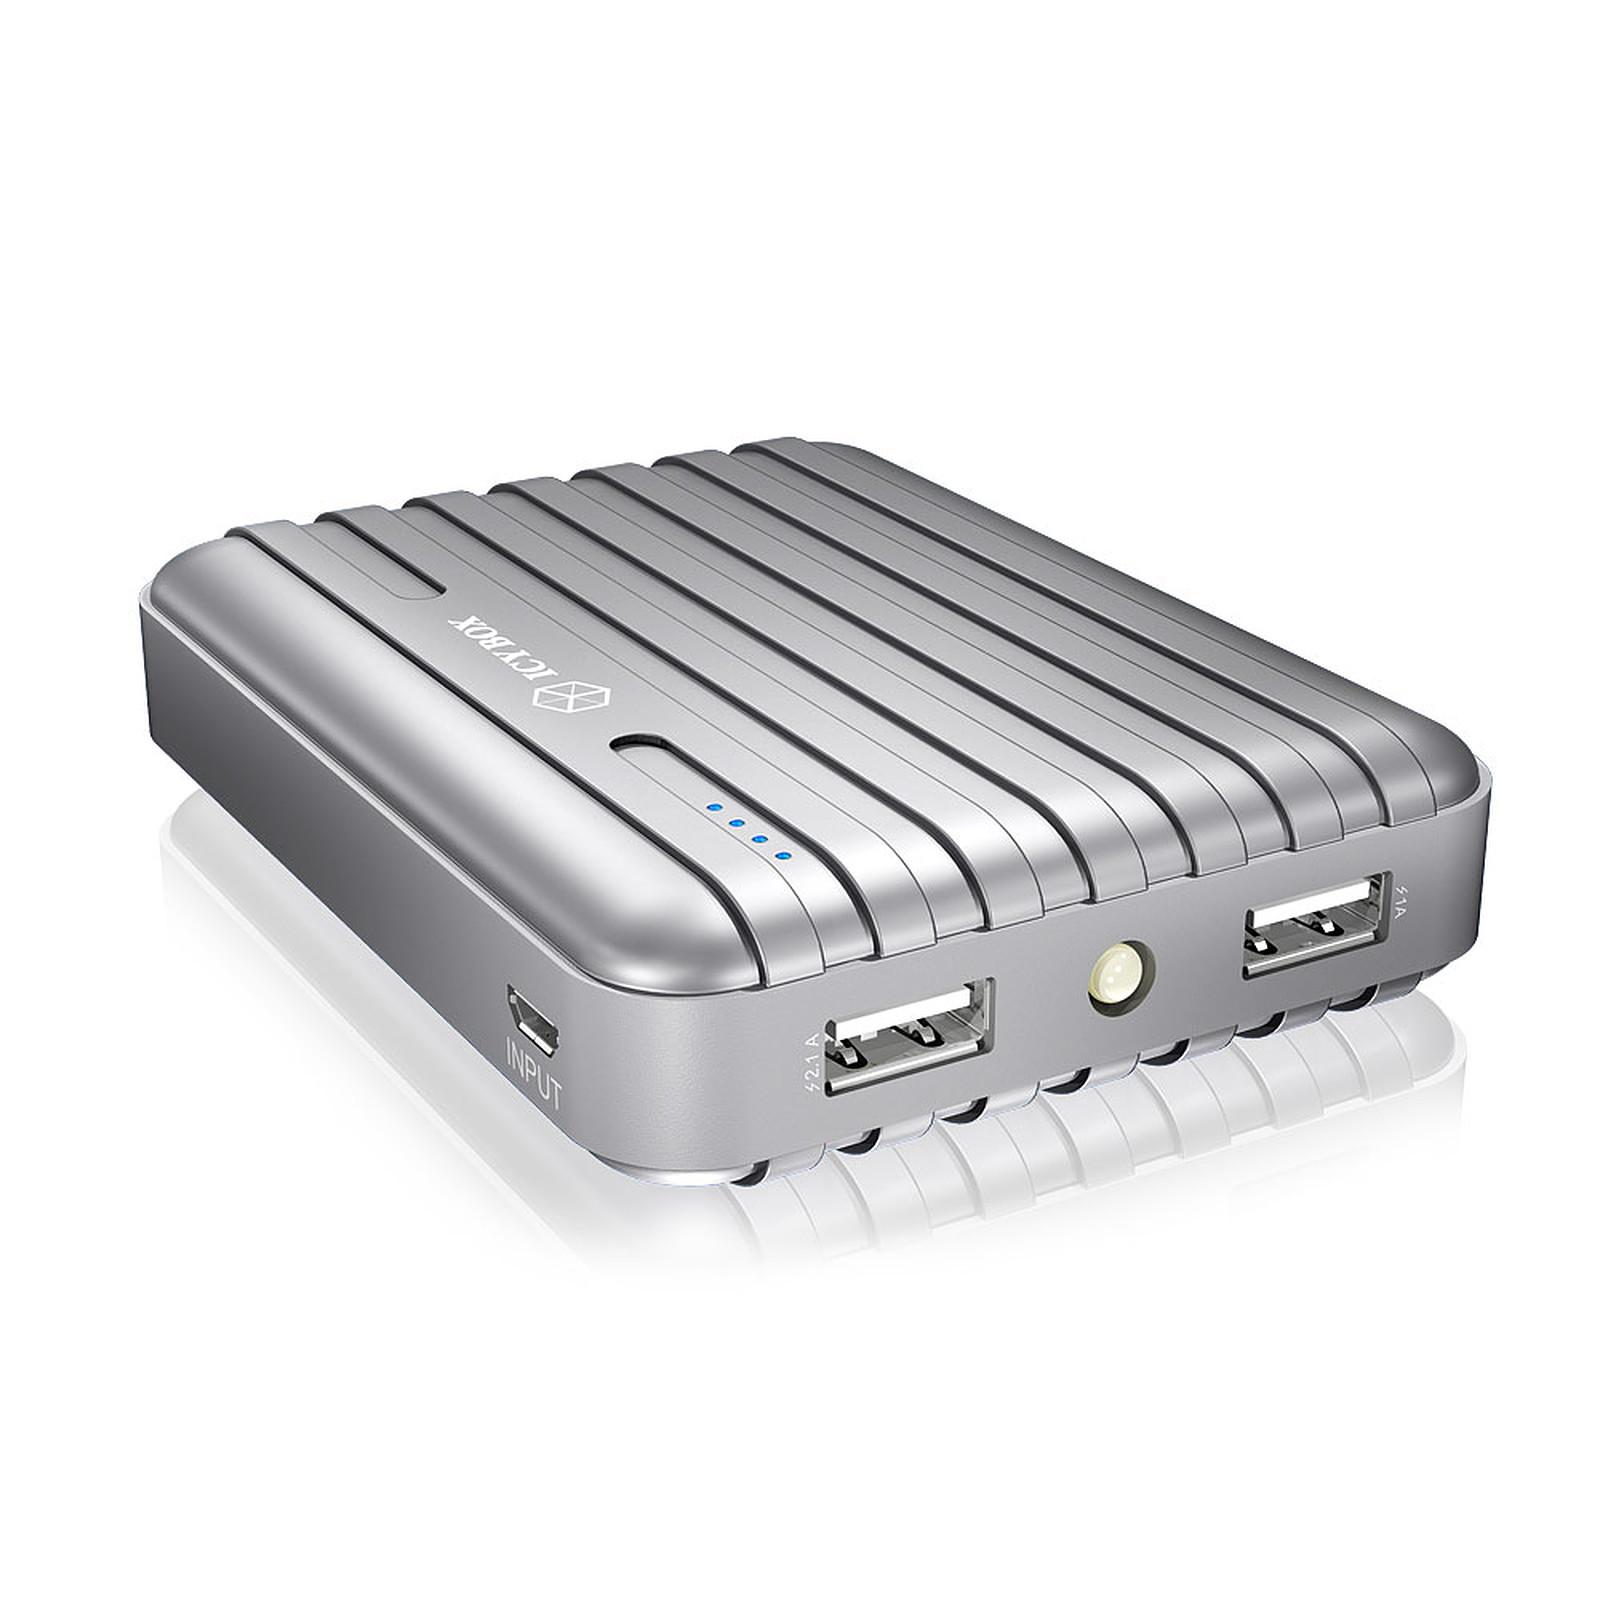 ICY BOX IB-PBb10400